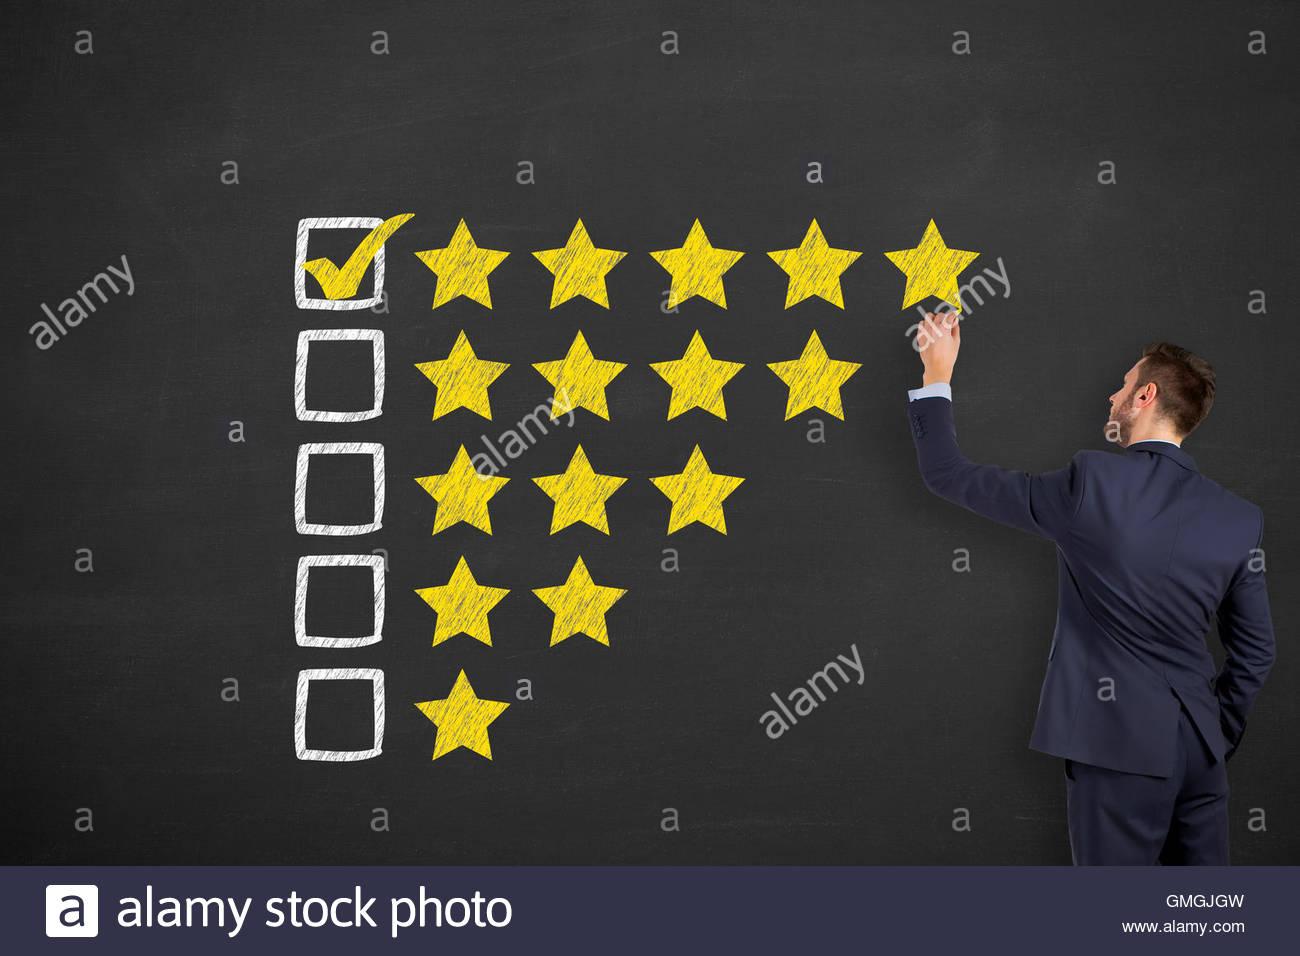 Satisfacción del cliente sobre fondo de pizarra de la satisfacción del cliente, control de calidad, el Imagen De Stock